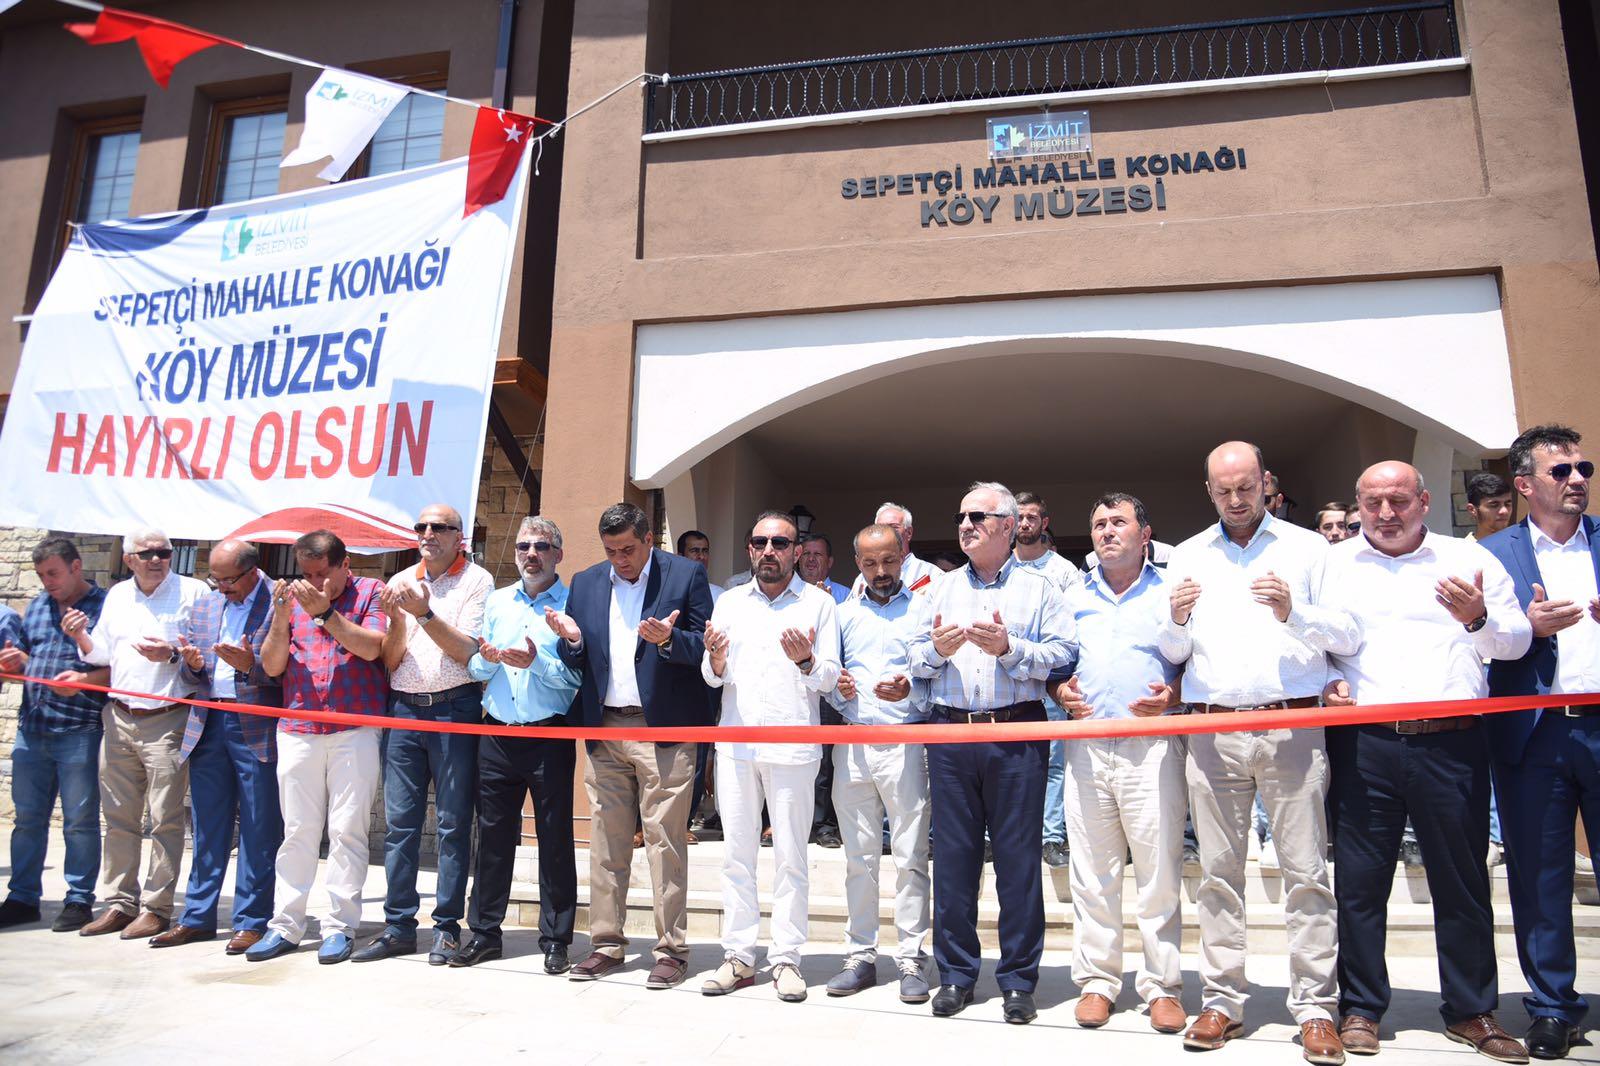 Köy Müzesi törenle açıldı